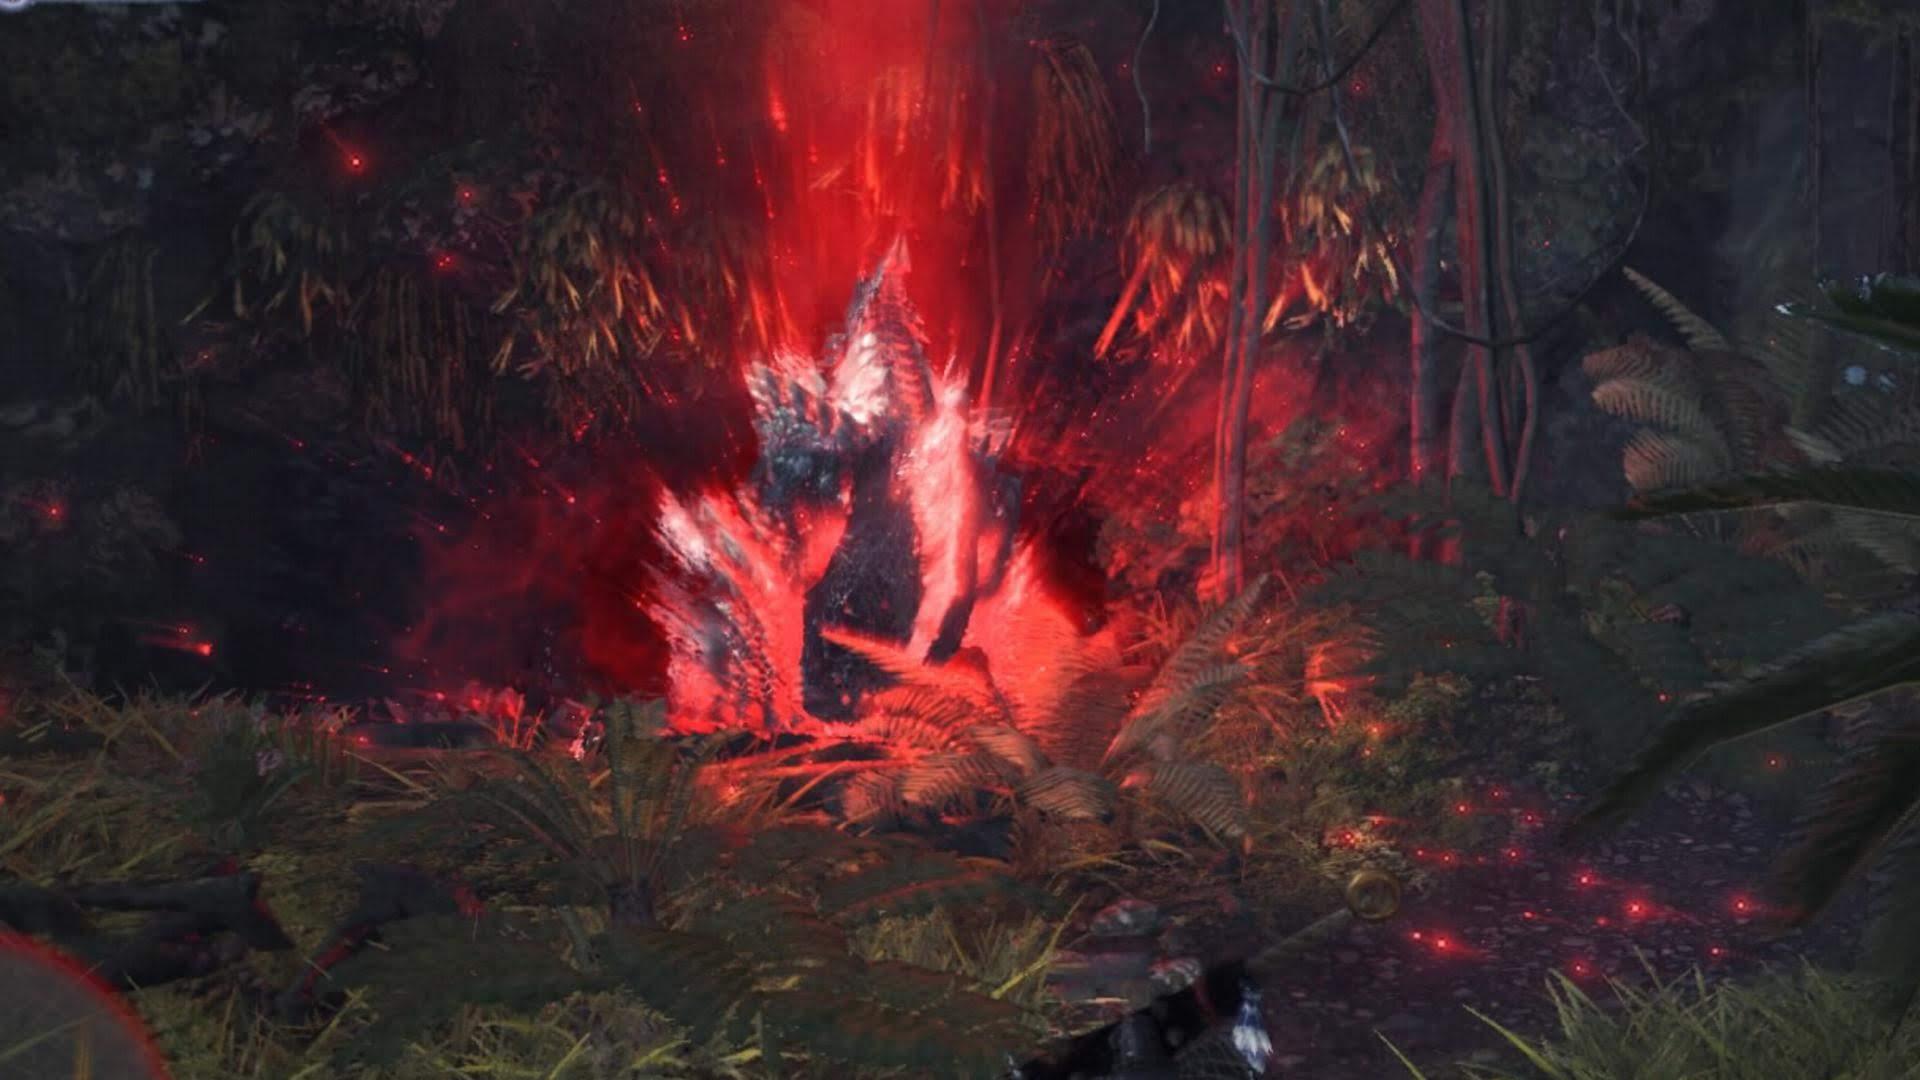 アイス ジンオウガ 亜 モンハン 種 ワールド ボーン